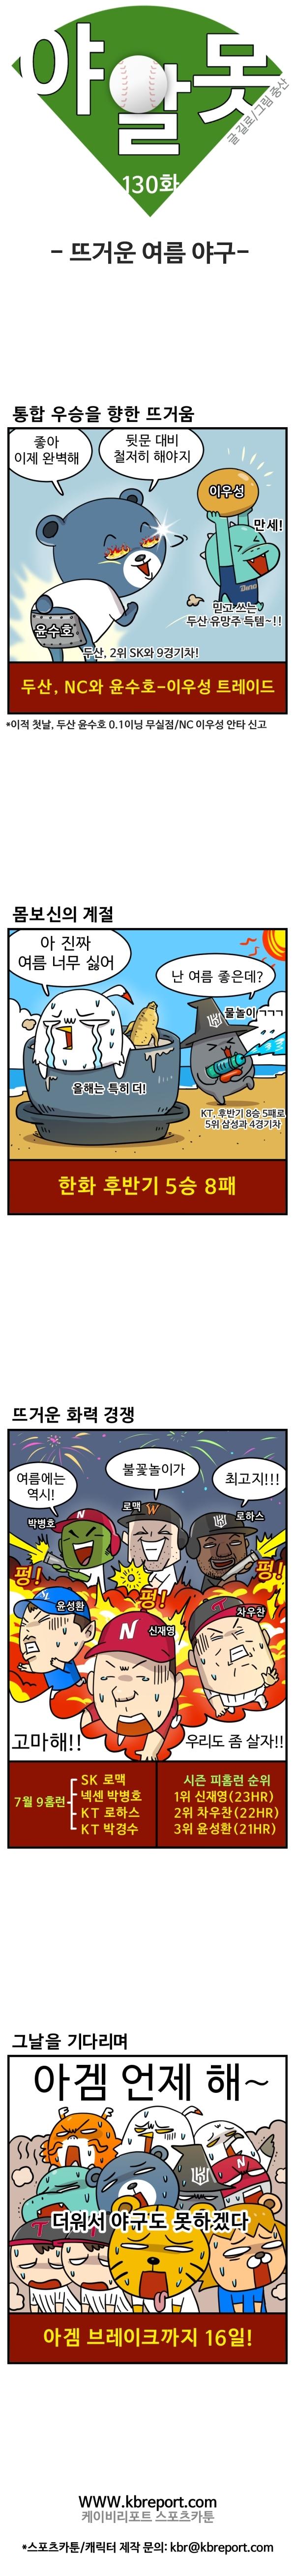 [프로야구 카툰] 야알못 130화: 뜨거운 여름야구